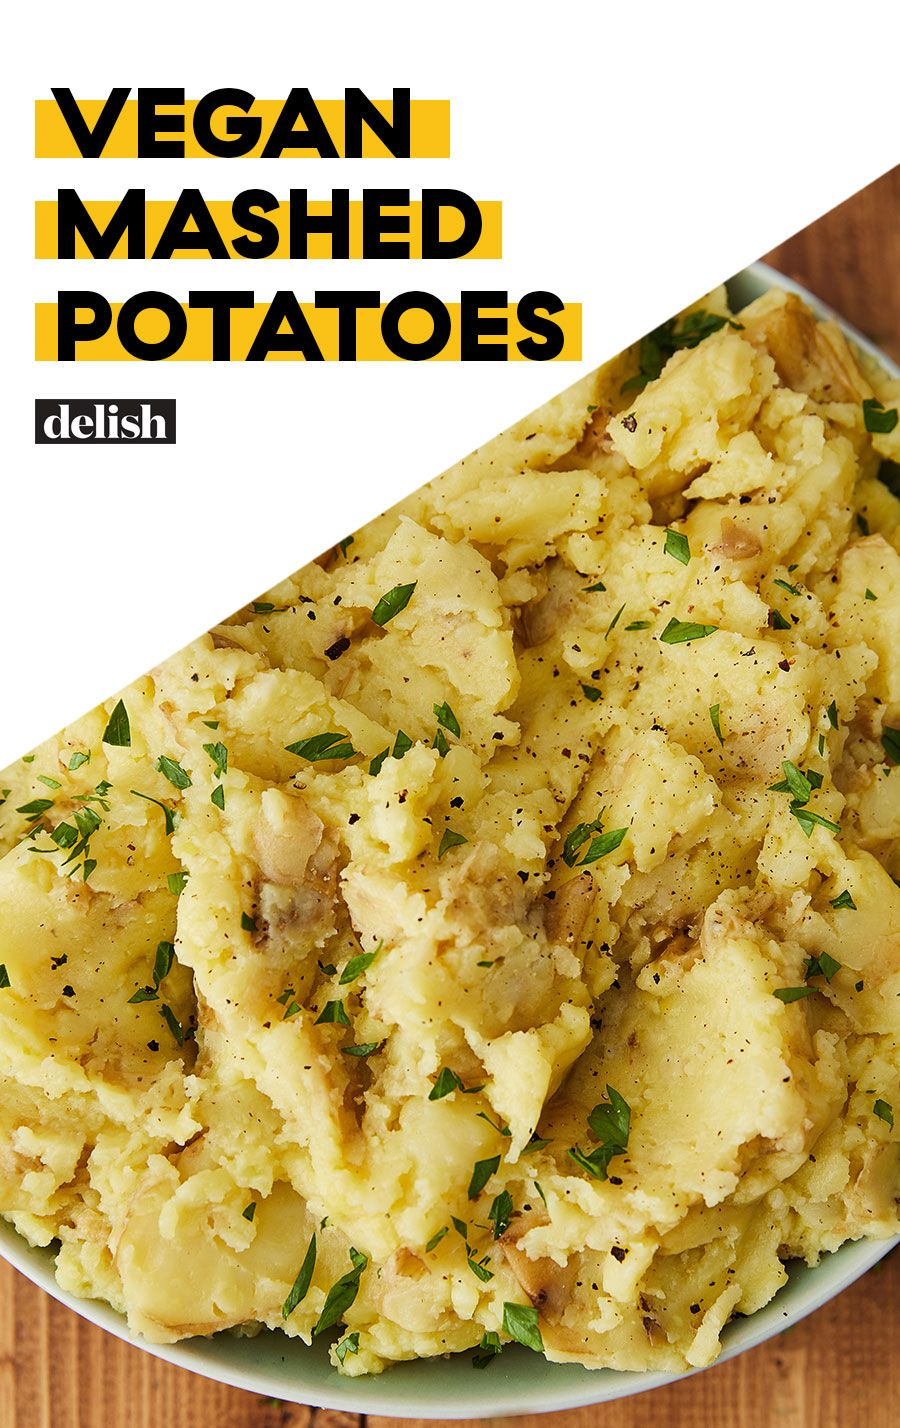 Vegan Mashed Potatoes Recipe Vegan Mashed Potatoes Mashed Potatoes Vegetarian Vegan Recipes